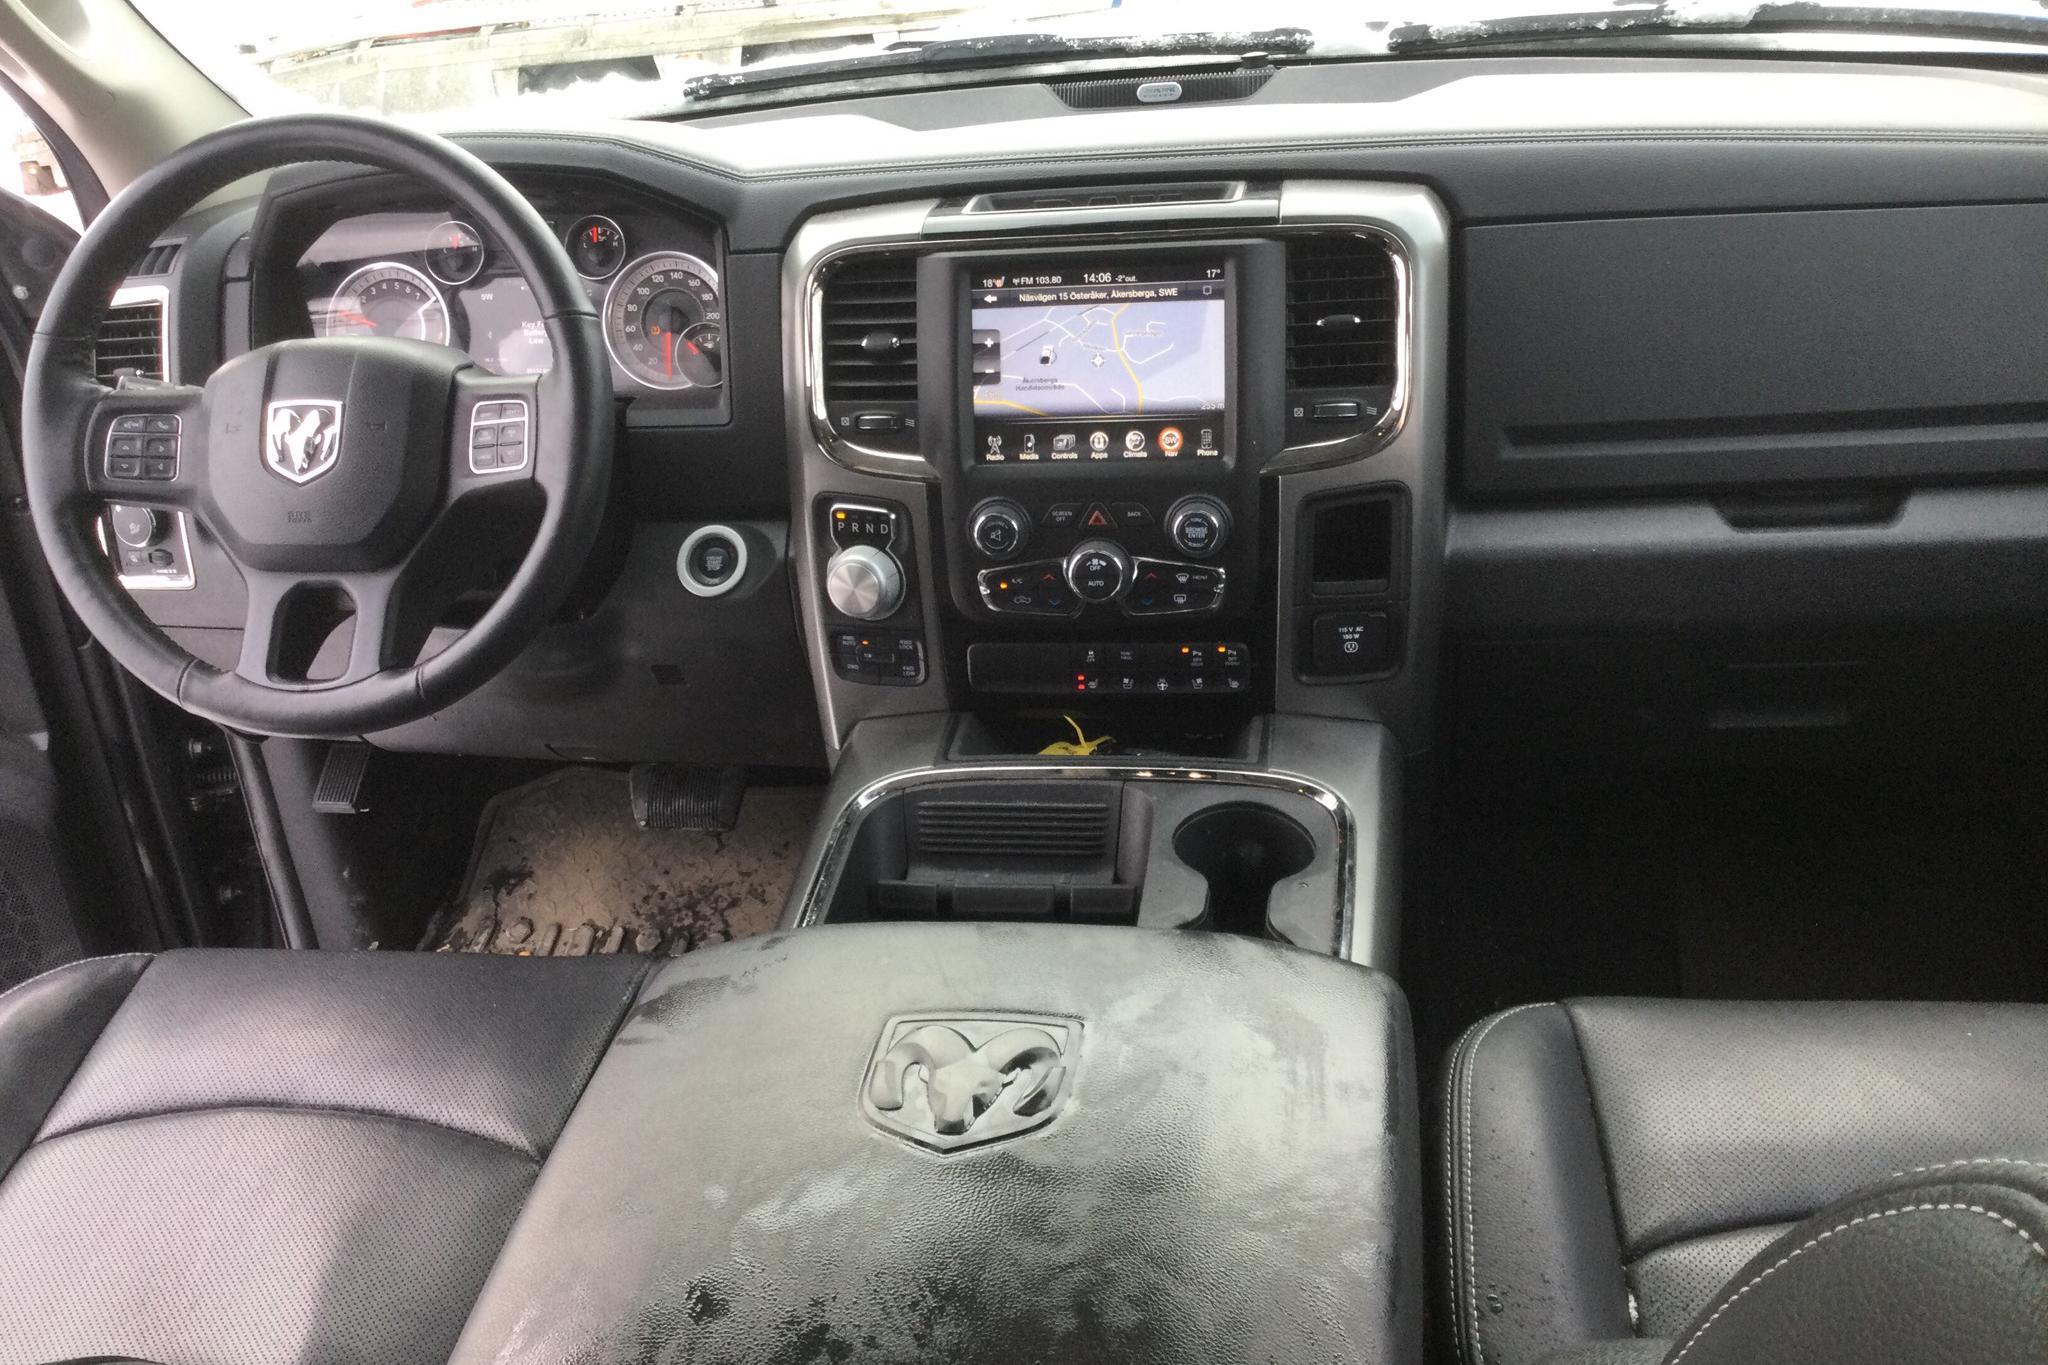 Dodge RAM 1500 5.7 4WD (401hk) - 8 653 mil - Automat - svart - 2017